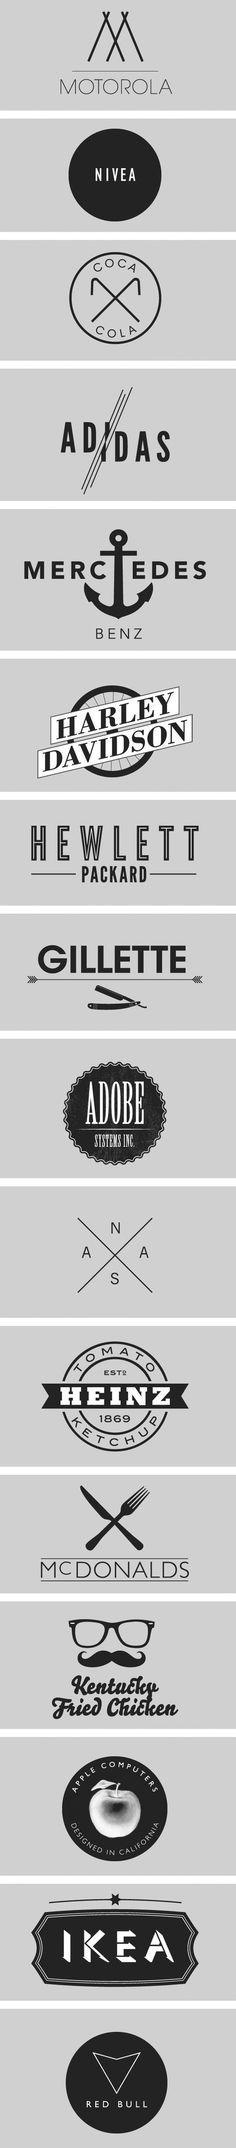 Kilka przykładów klasycznych logotypów